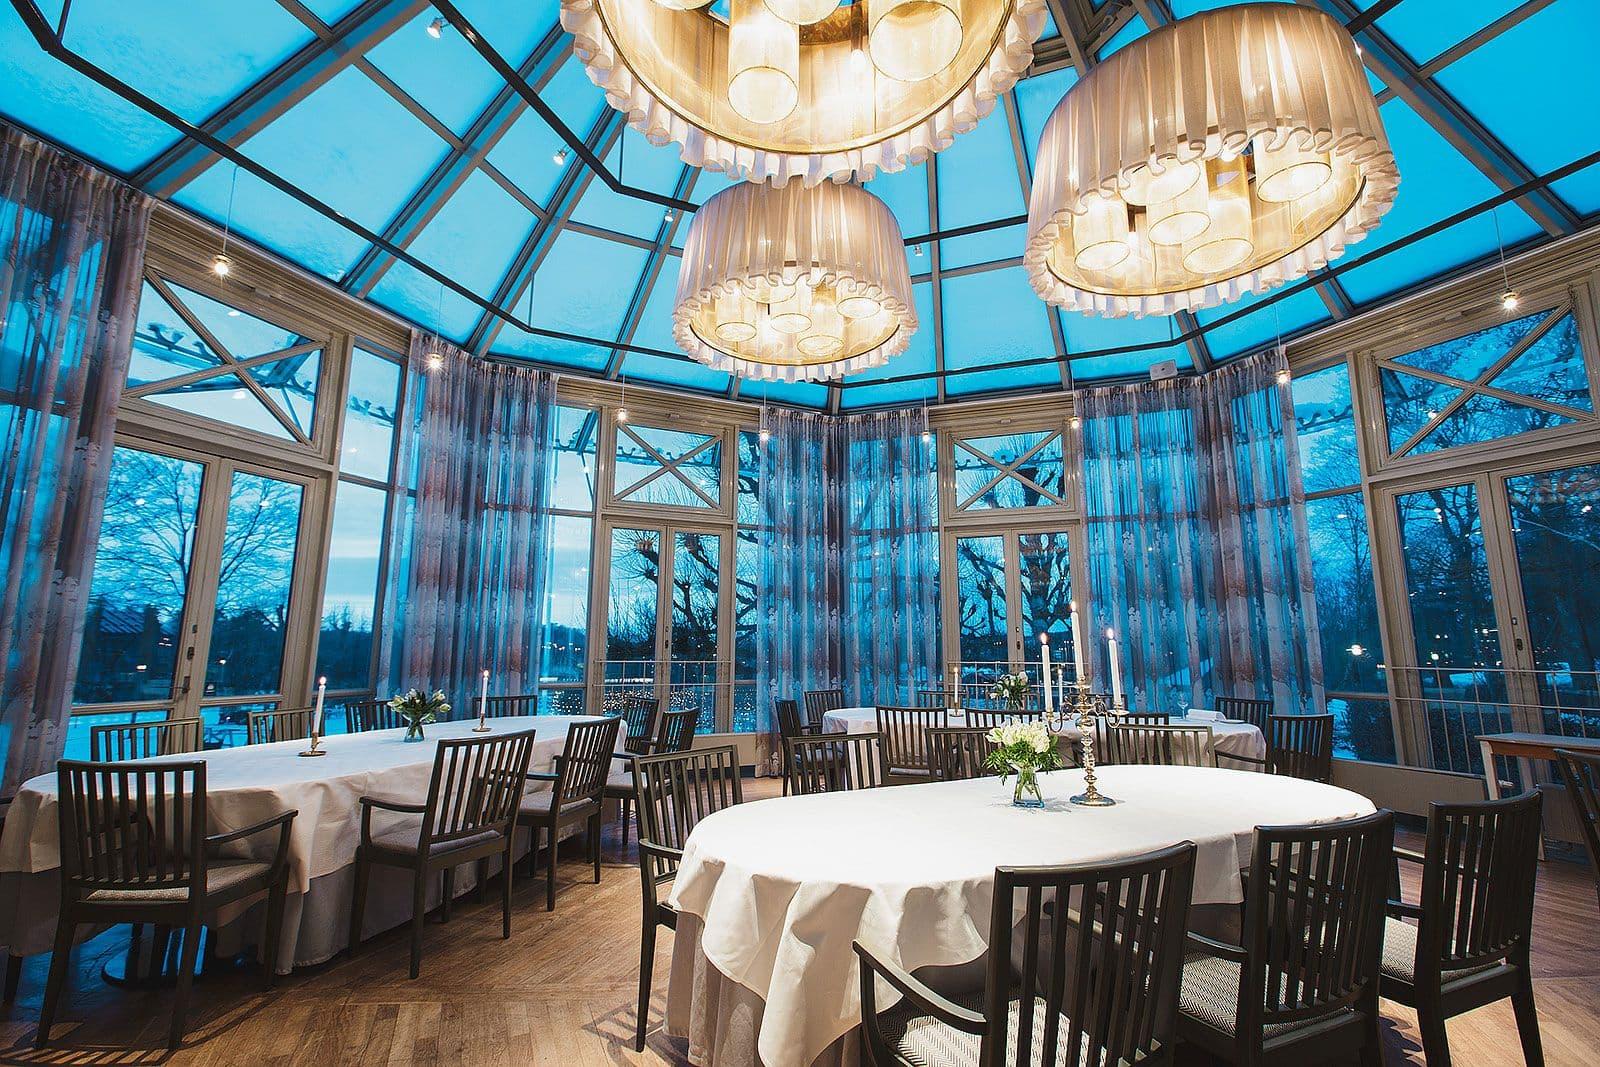 hyra restaurang stockholm